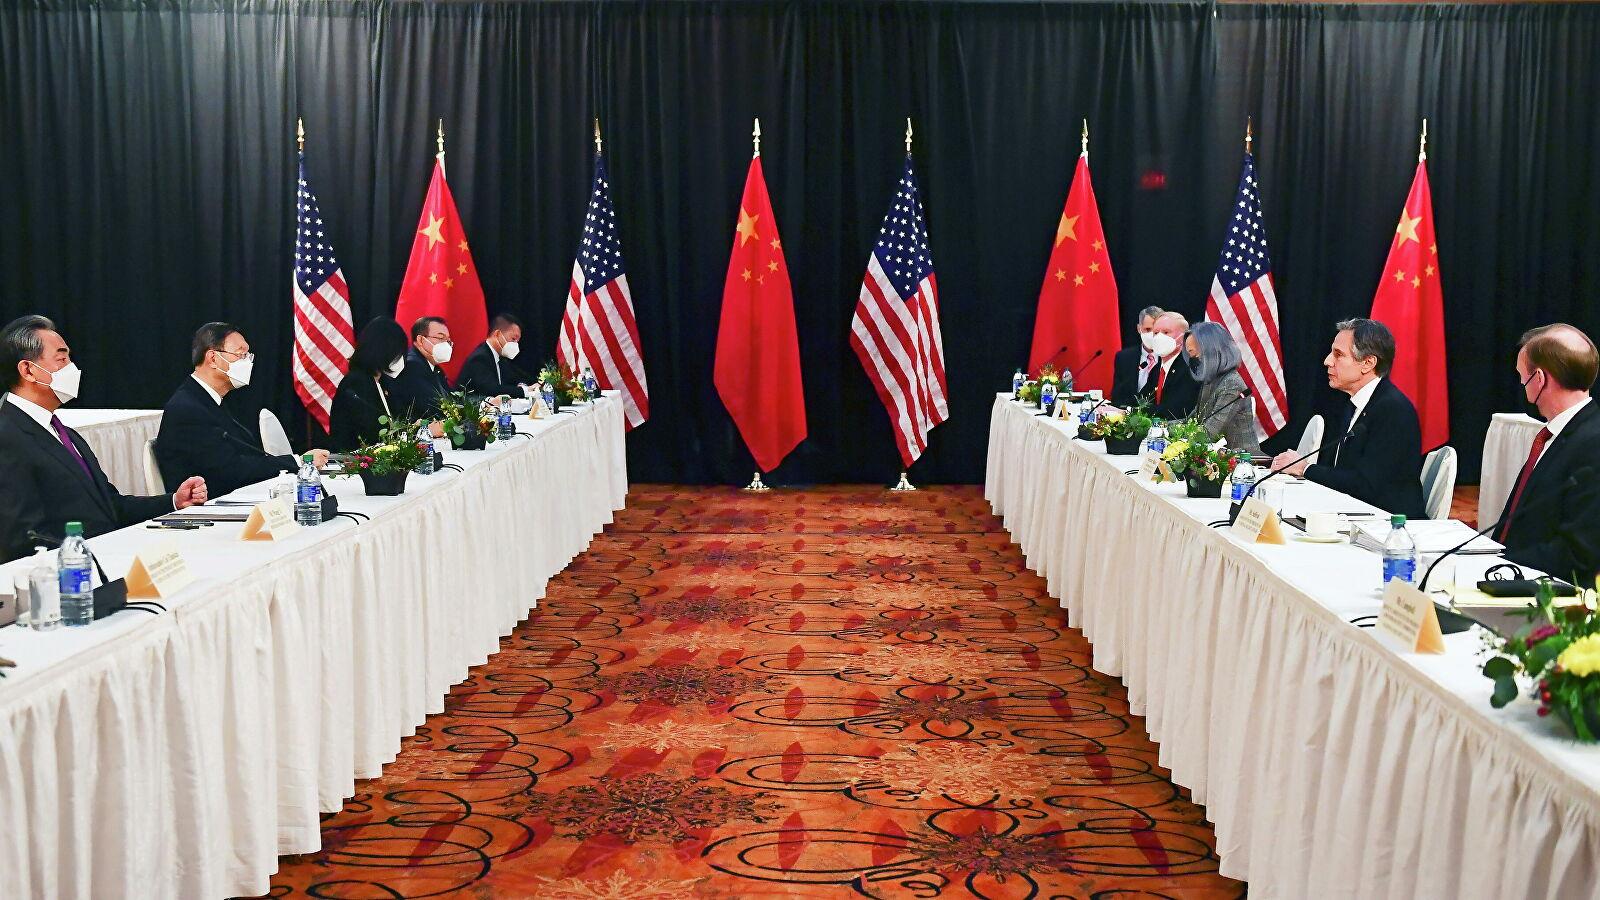 相比于中国和俄罗斯之间的和平关系,中美之间显得剑拔弩张